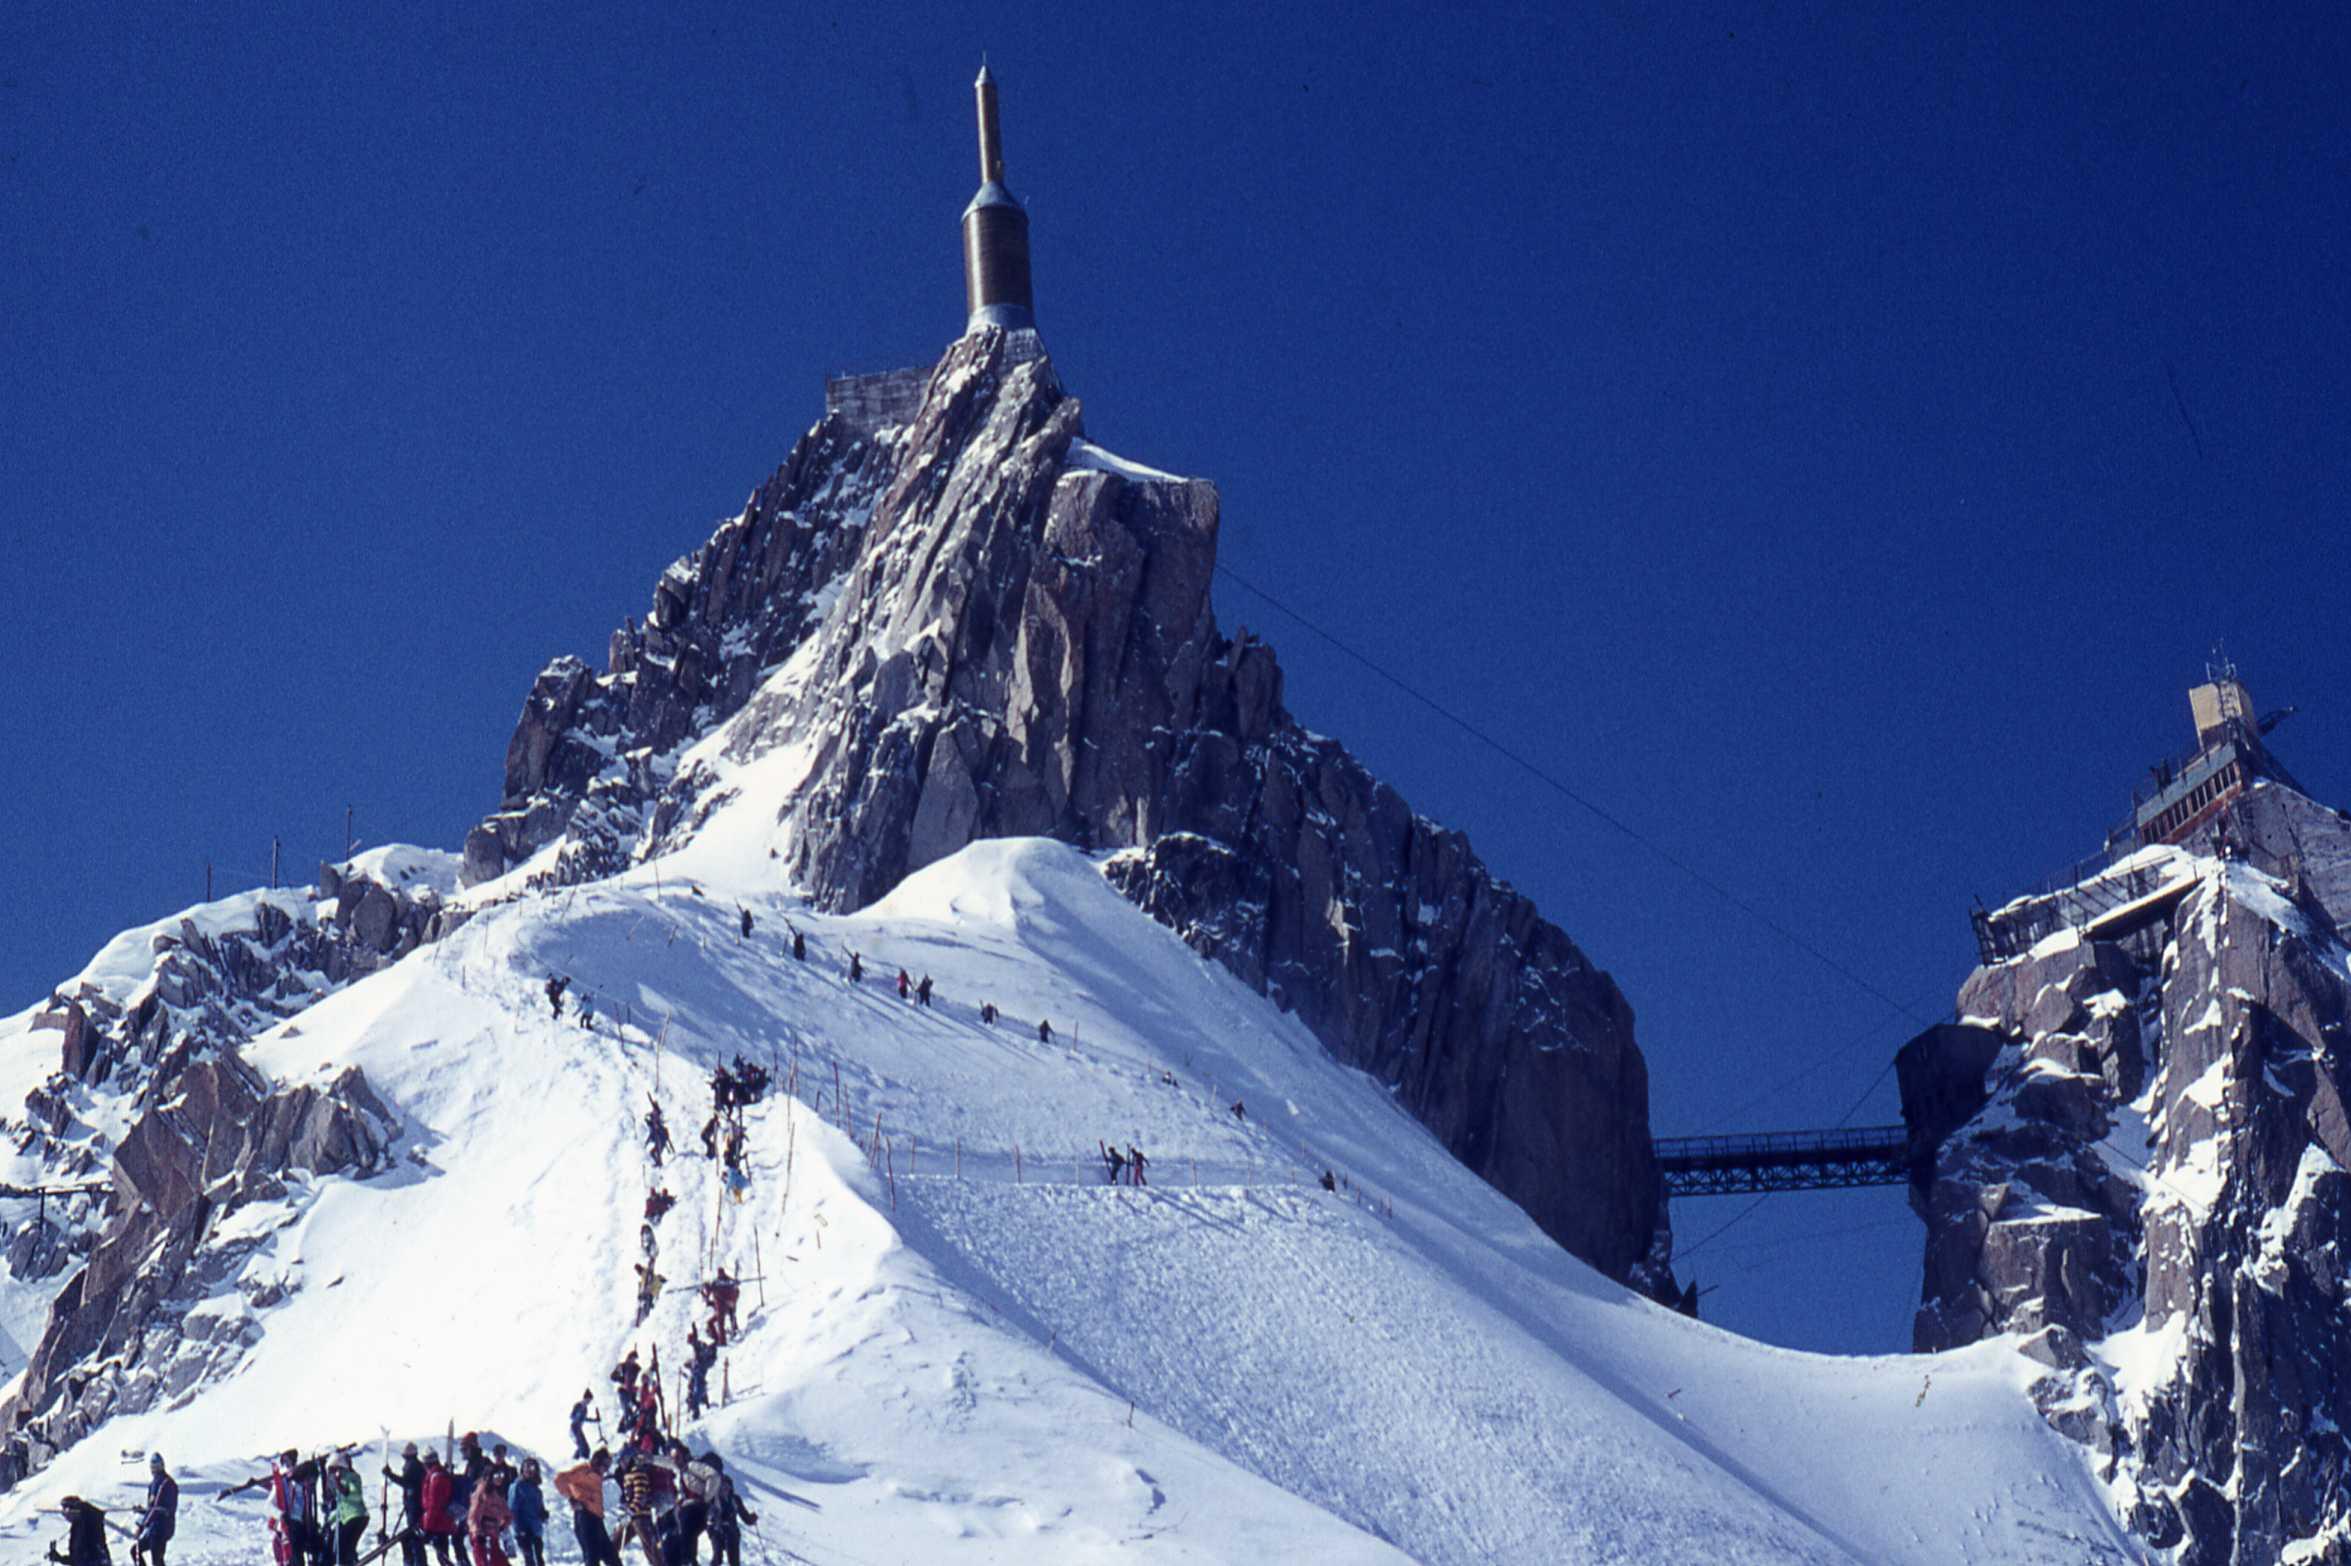 Aiguille du Midi inizio discesa verso Chamonix